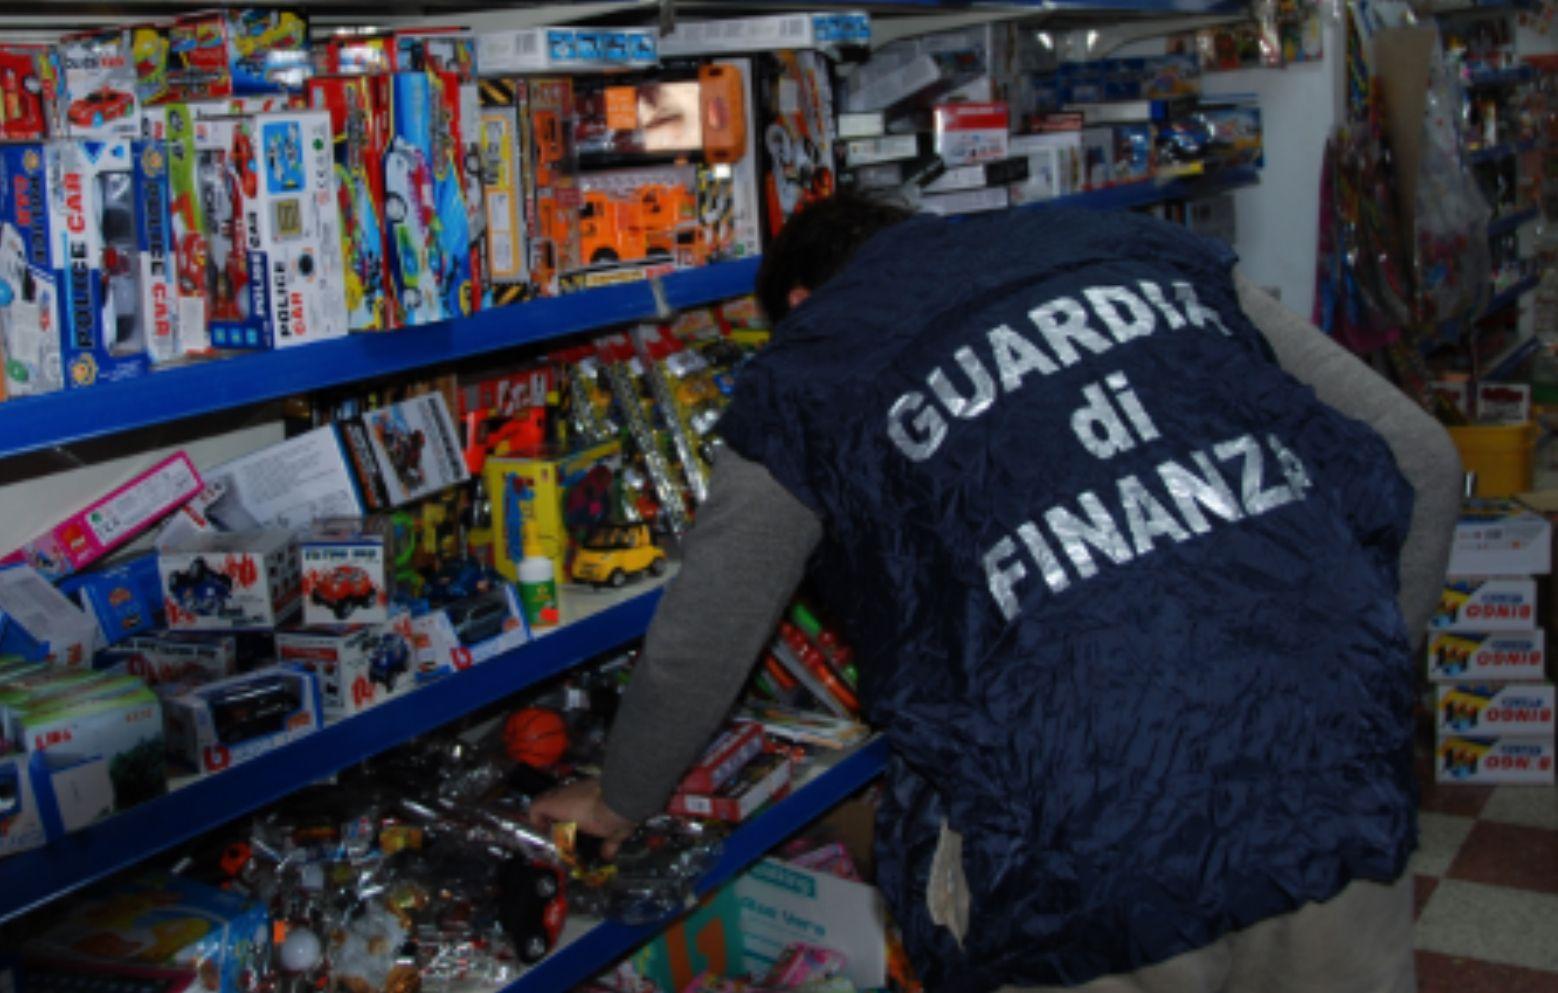 CANAVESE - Blitz della Finanza nei negozi dei cinesi a Rivarolo, Cuorgnè, Montalto e Burolo